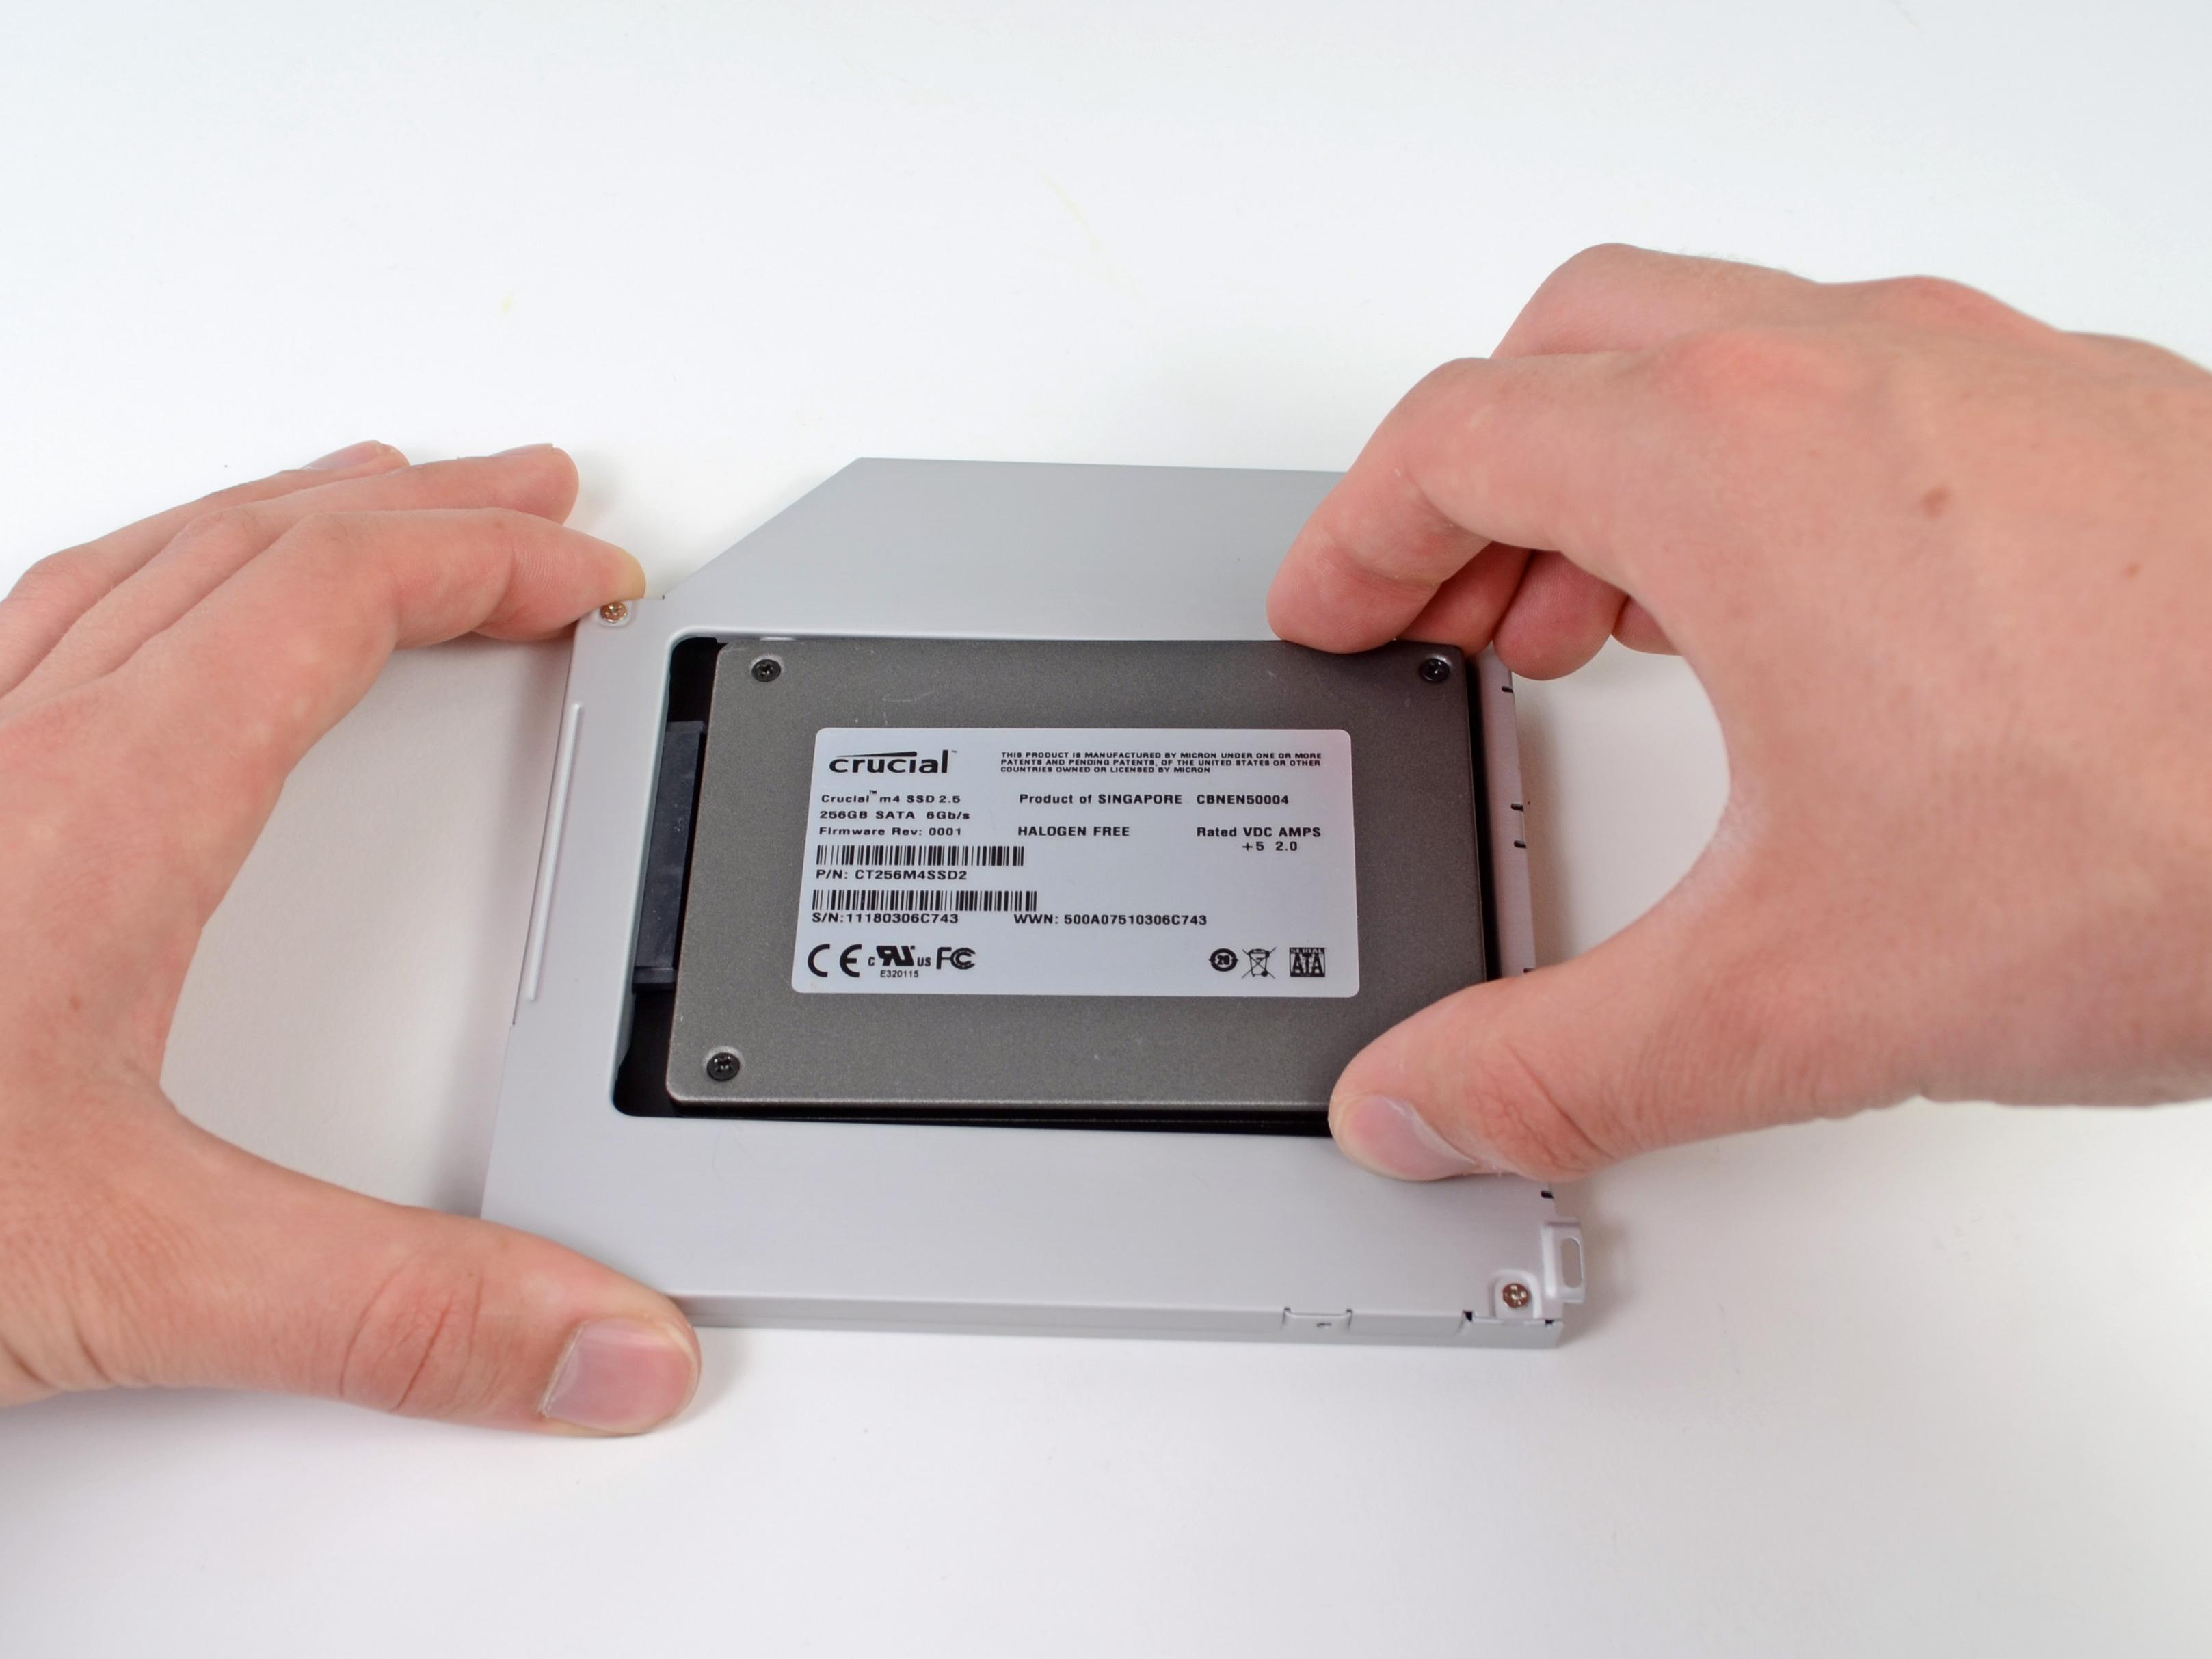 macbook pro 17 unibody repair ifixit rh ifixit com 2010 macbook pro 15 manual 2010 MacBook Pro 15 Battery